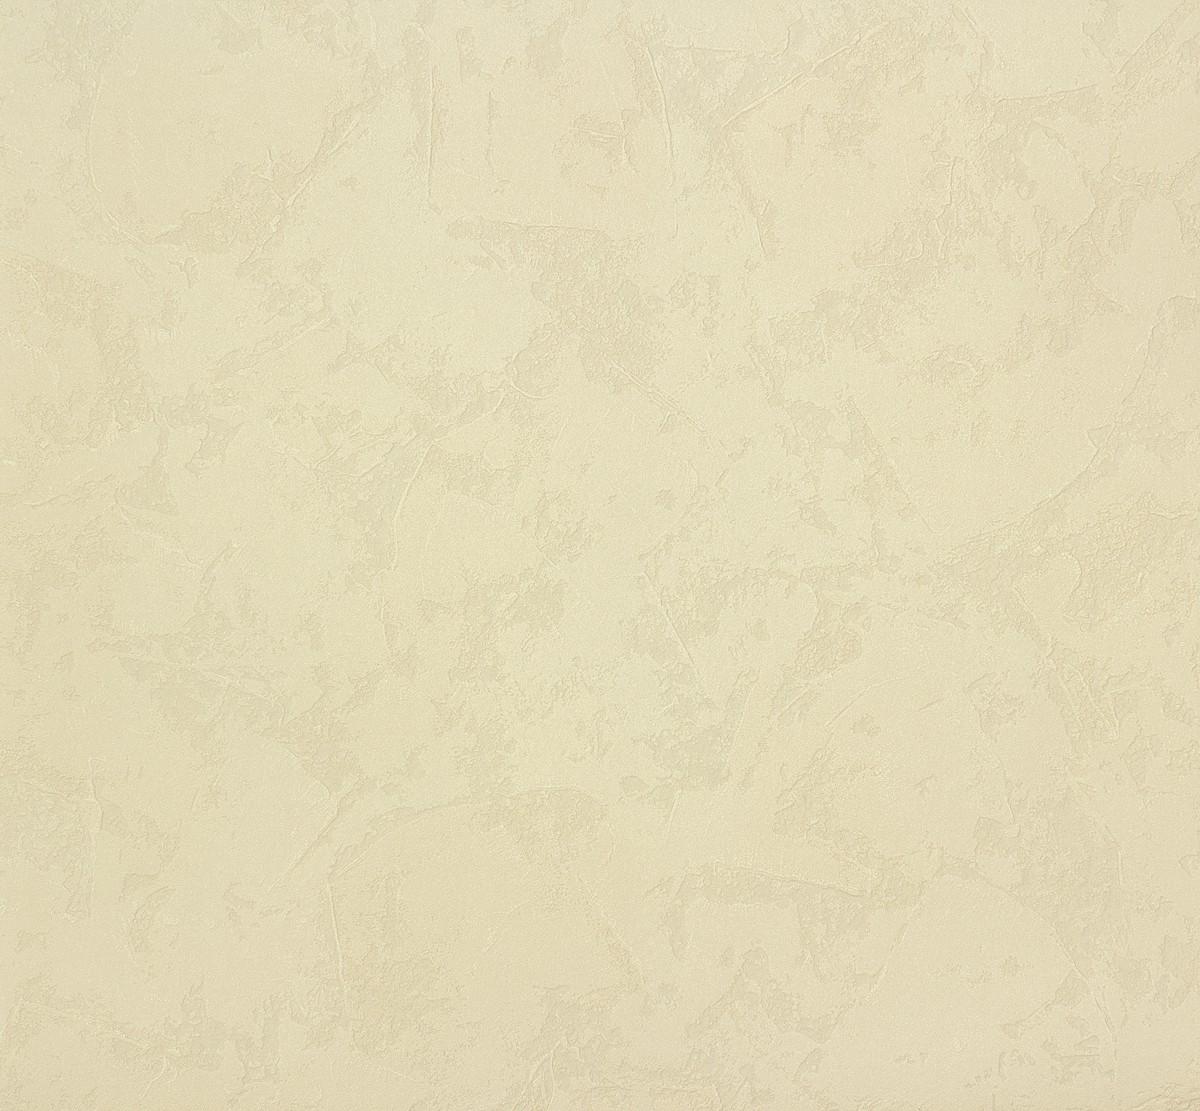 vliestapete ok 6 as creation 1848 25 184825 putz wisch. Black Bedroom Furniture Sets. Home Design Ideas